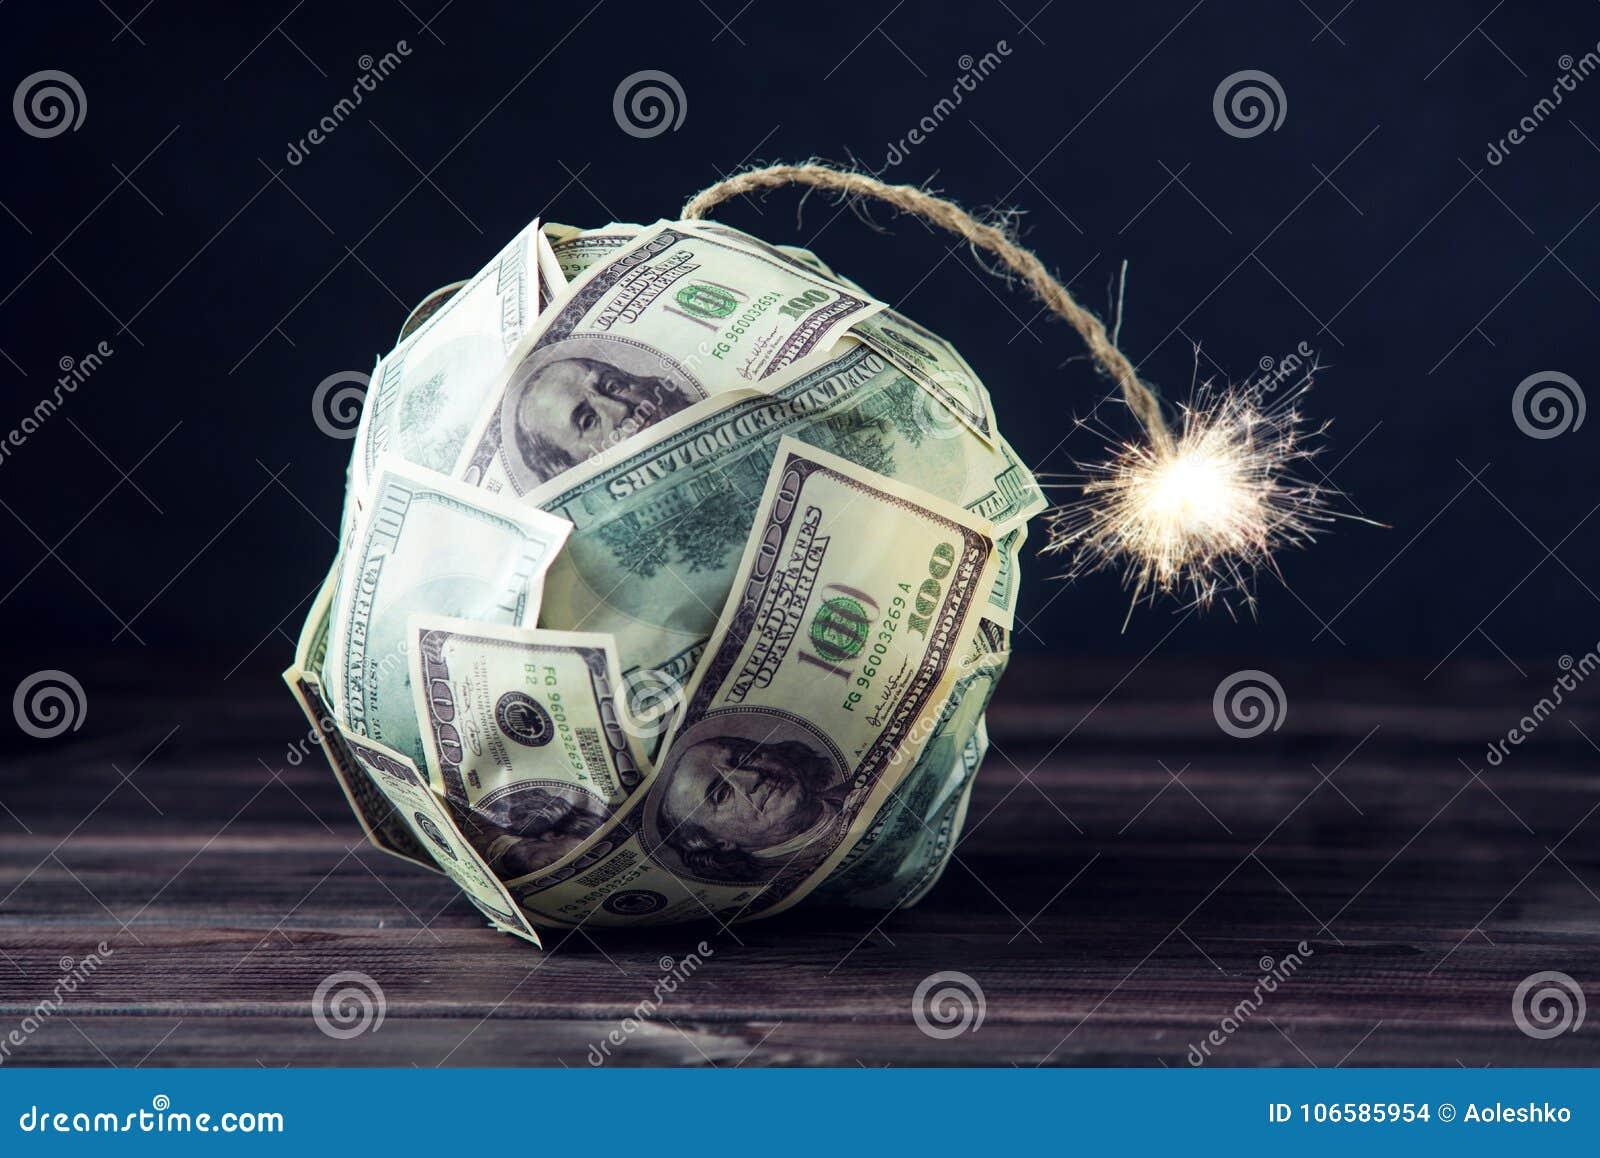 Bombe des Geldes hundert Dollarscheine mit einem brennenden Docht Wenig Zeit vor der Explosion Konzept von Finanzcrisi